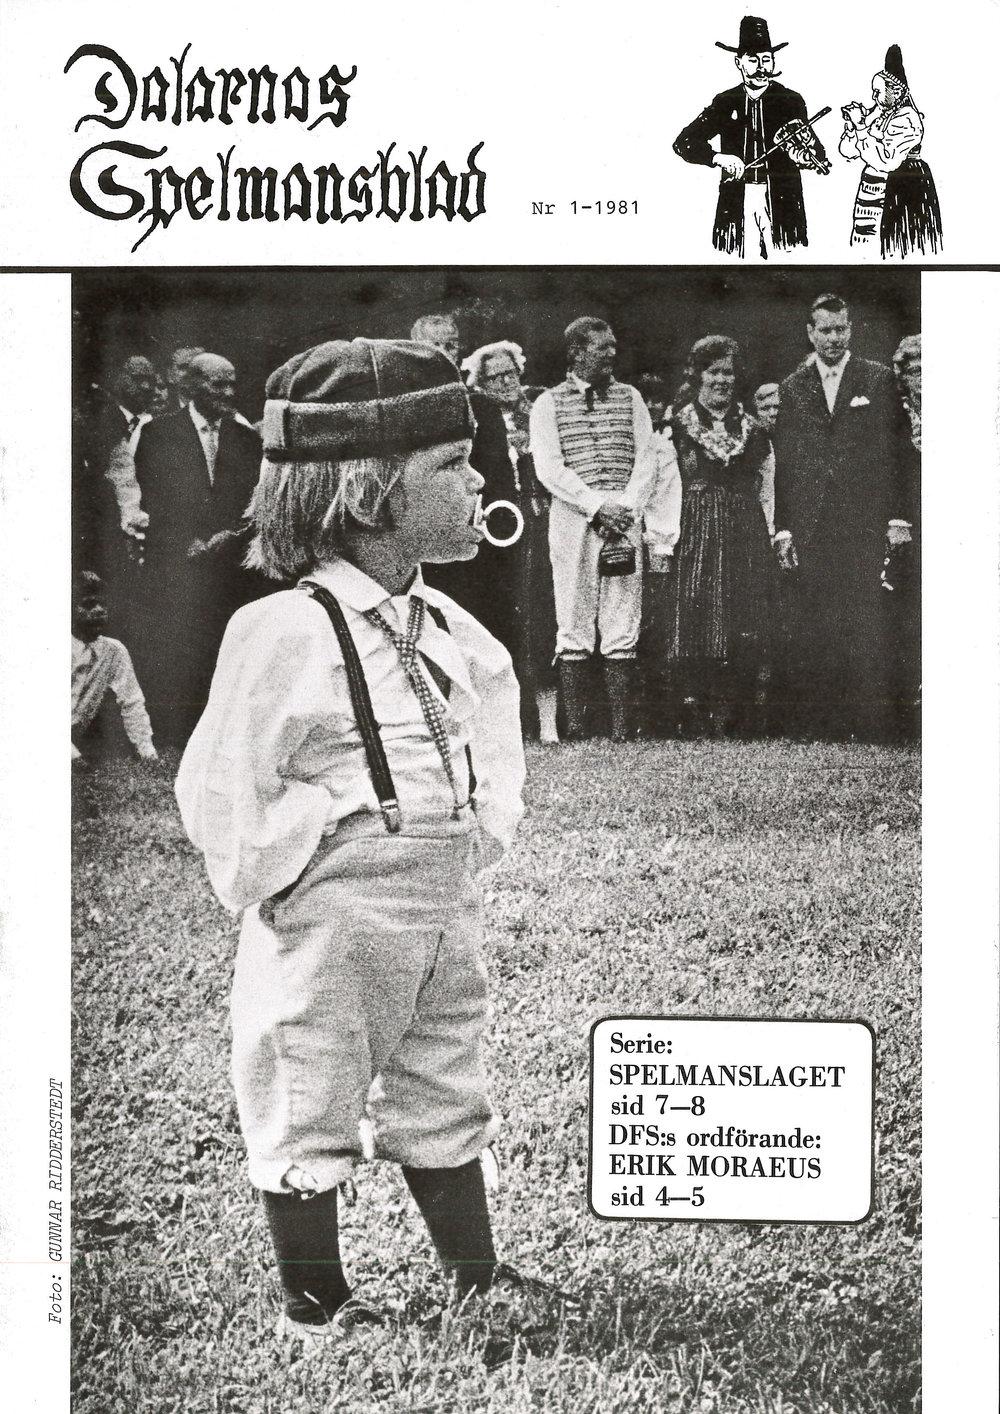 ...och nr 1. Första numret av Dalarnas spelmansblad från 1981.